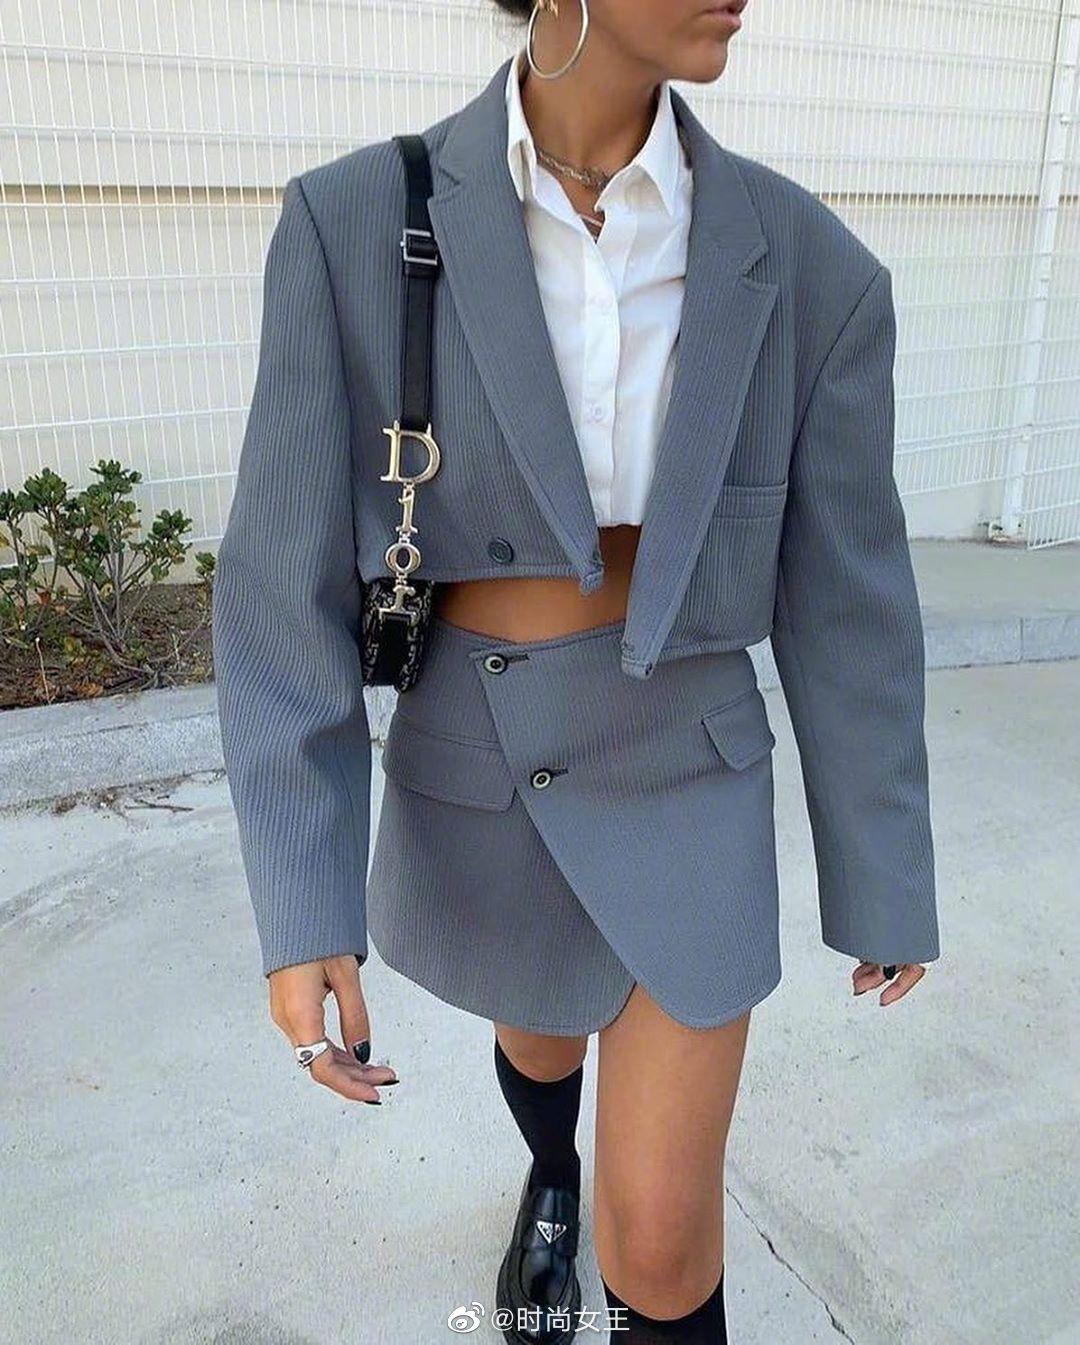 今秋正in单品——短款西服外套,轻松摆脱死板,日常穿着也超有型!